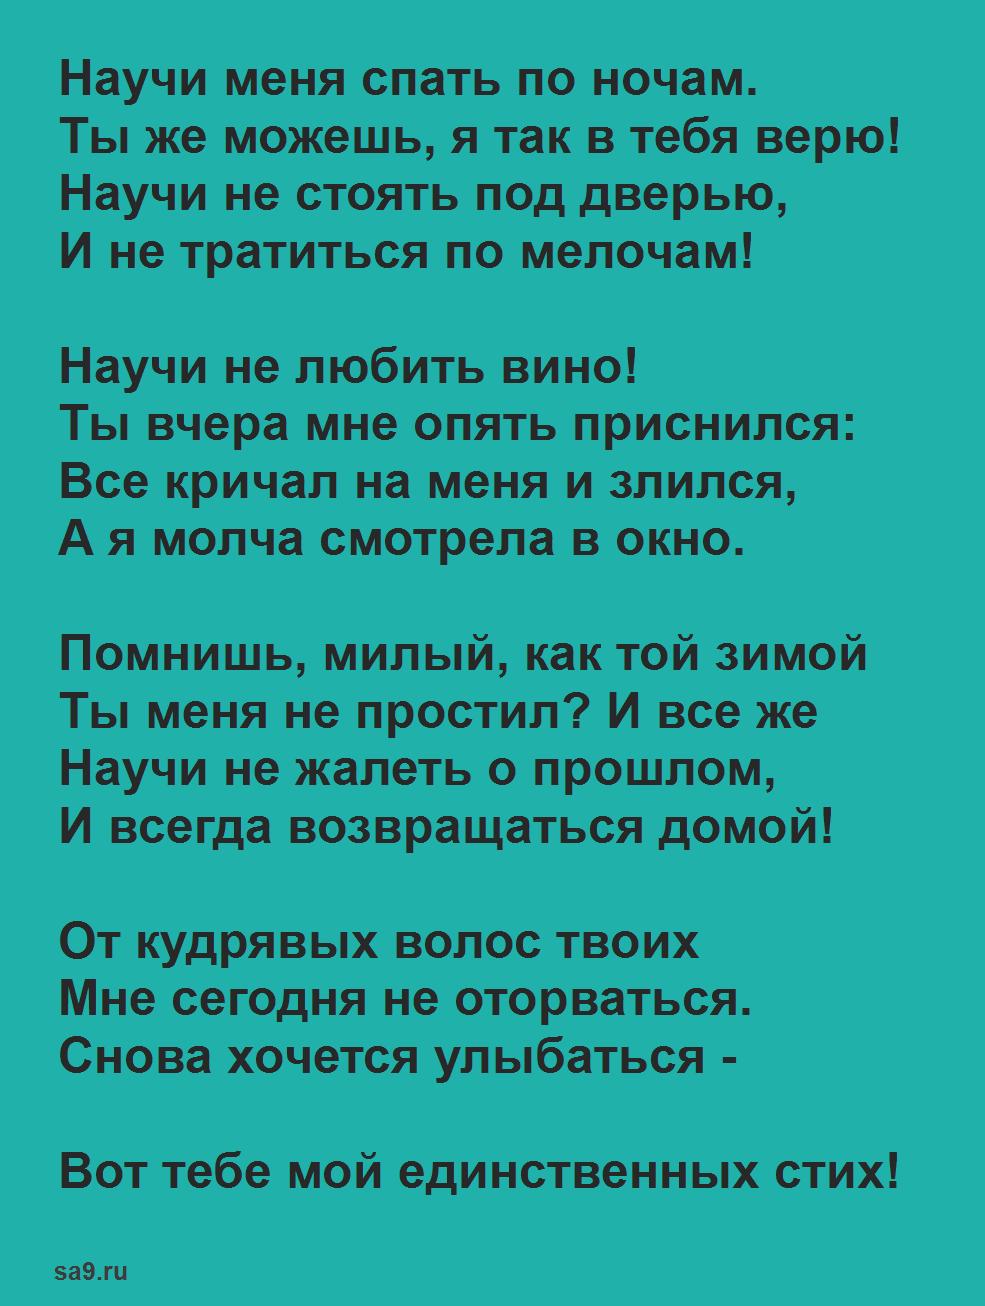 Читать стихи Астаховой - Научи меня спать по ночам